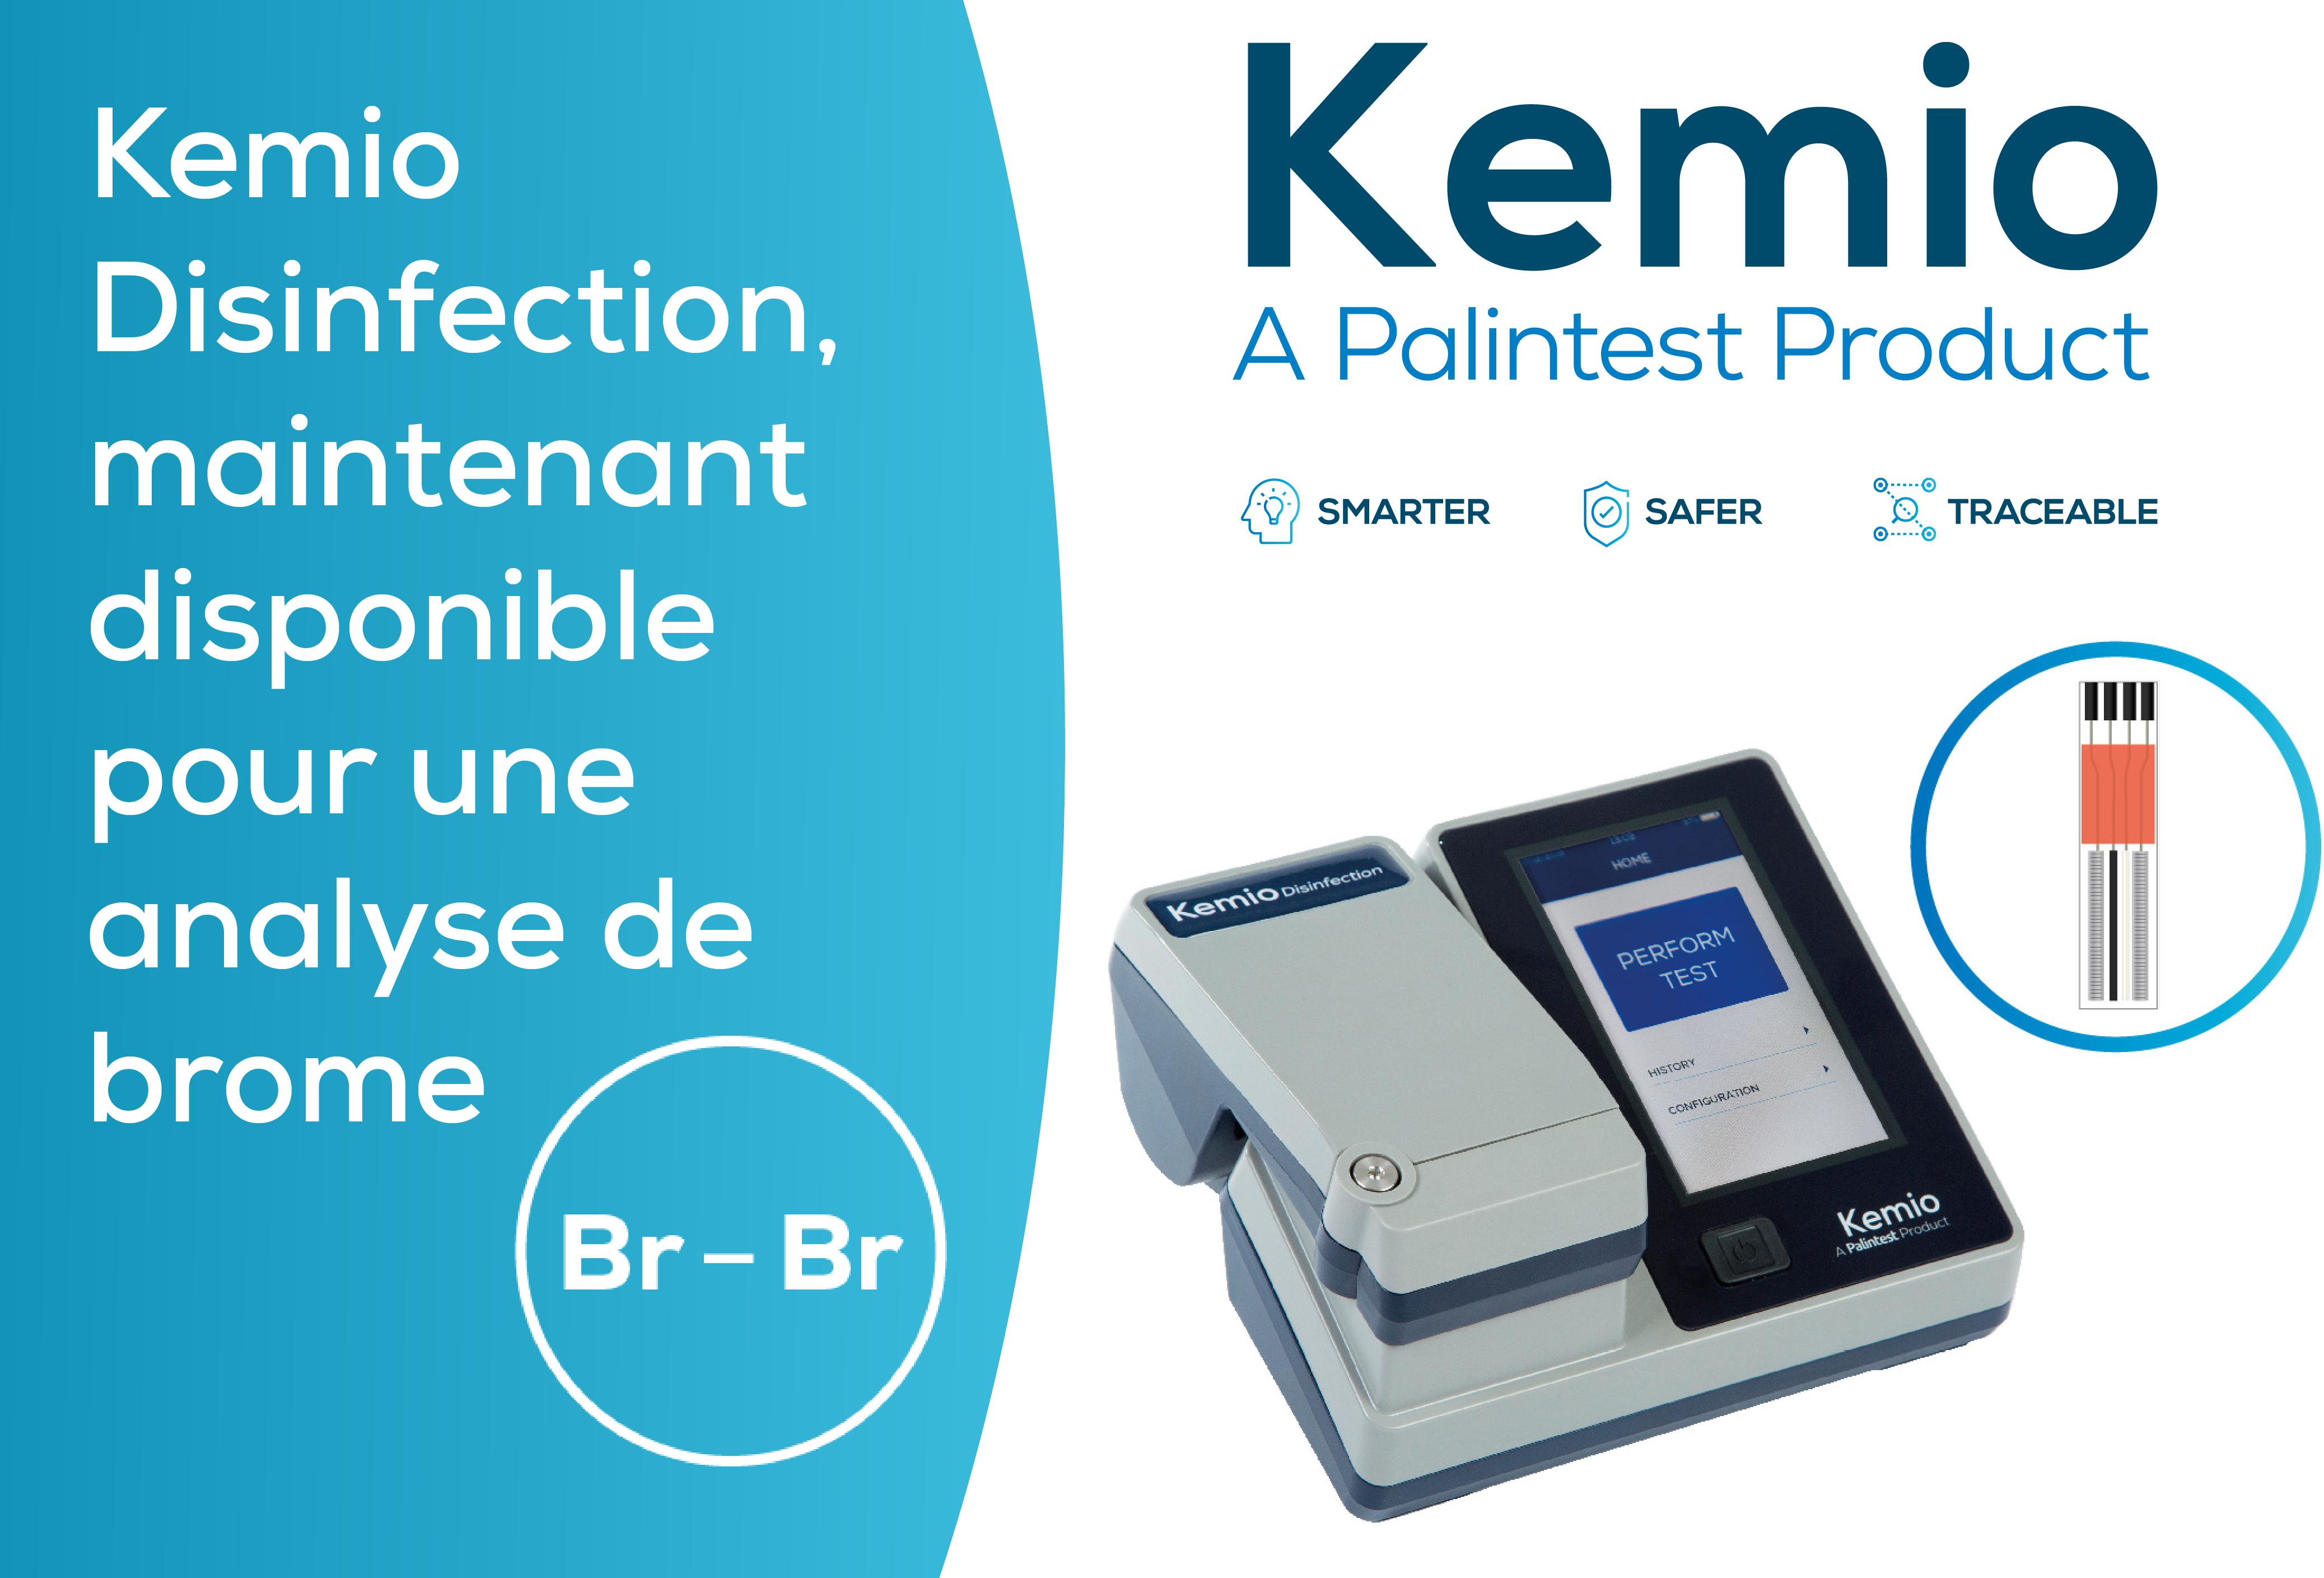 Kemio Disinfection, maintenant disponible pour une analyse de brome